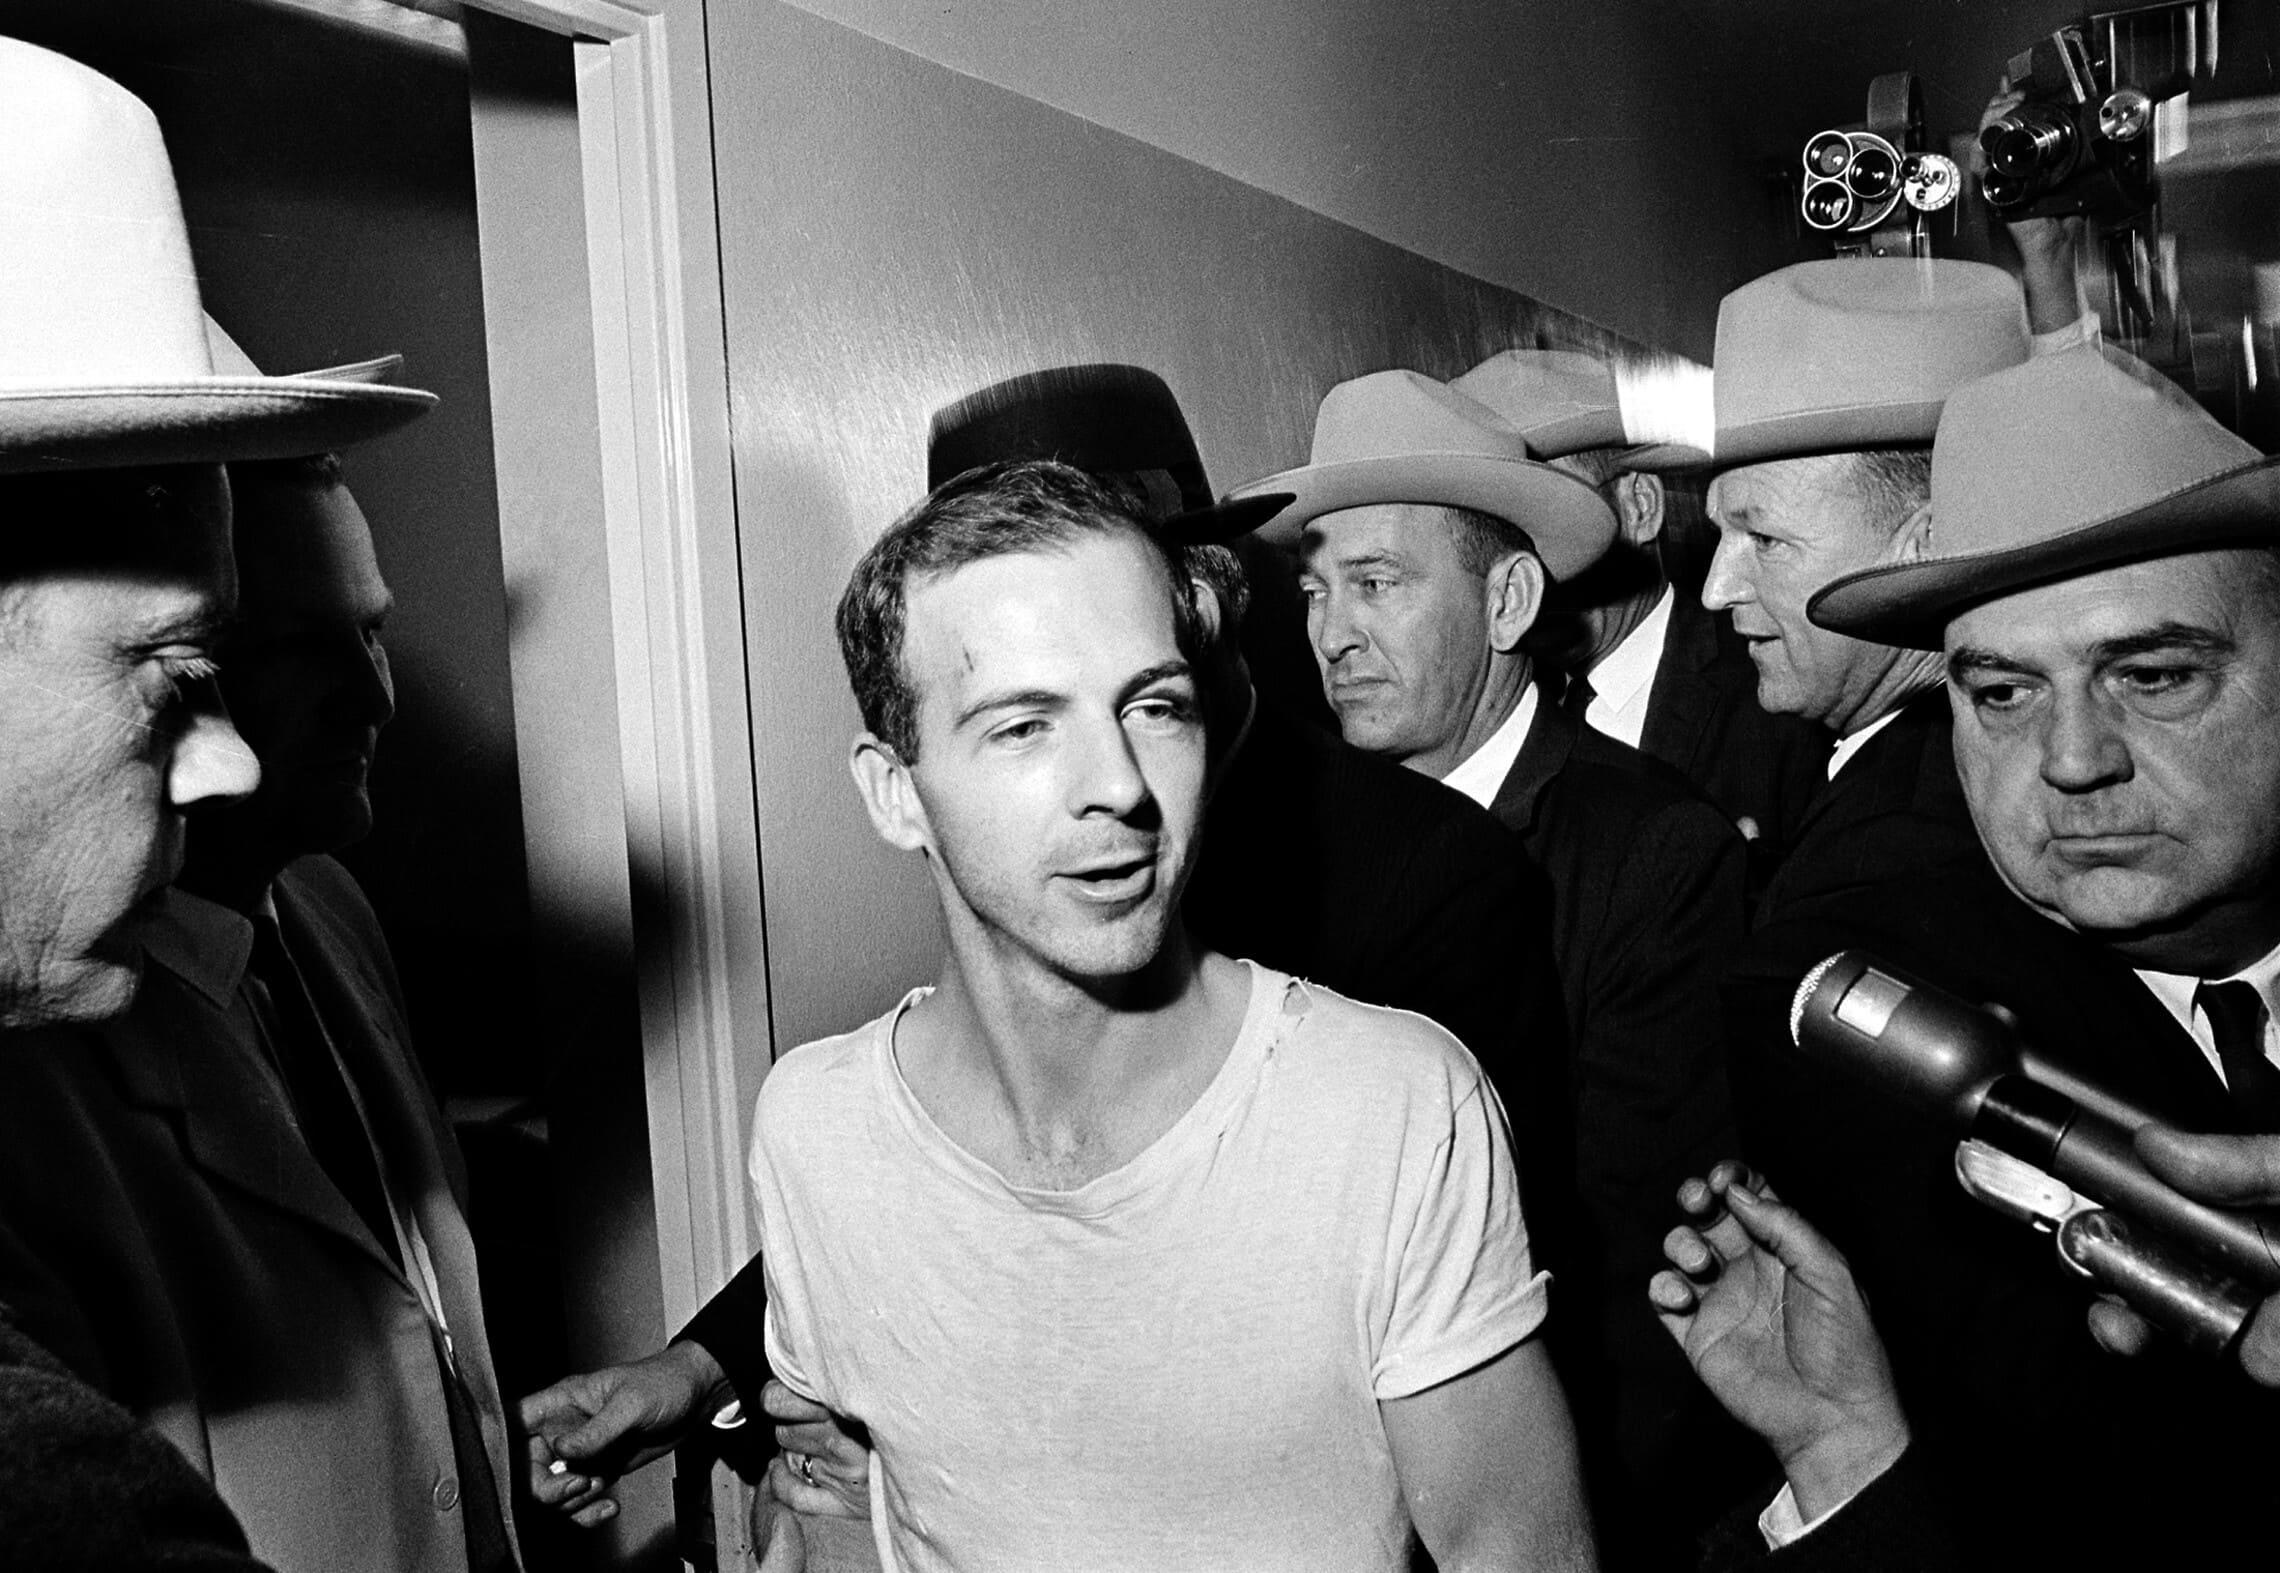 לי הארווי אוסוולד מוקף בשוטרים כשהוא מובל במסדרונות תחנת המשטרה בדאלאס לחקירה יום למחרת ההתנקשות בנשיא ג'ון קנדי, 23 בנובמבר 1963 (צילום: AP Photo)